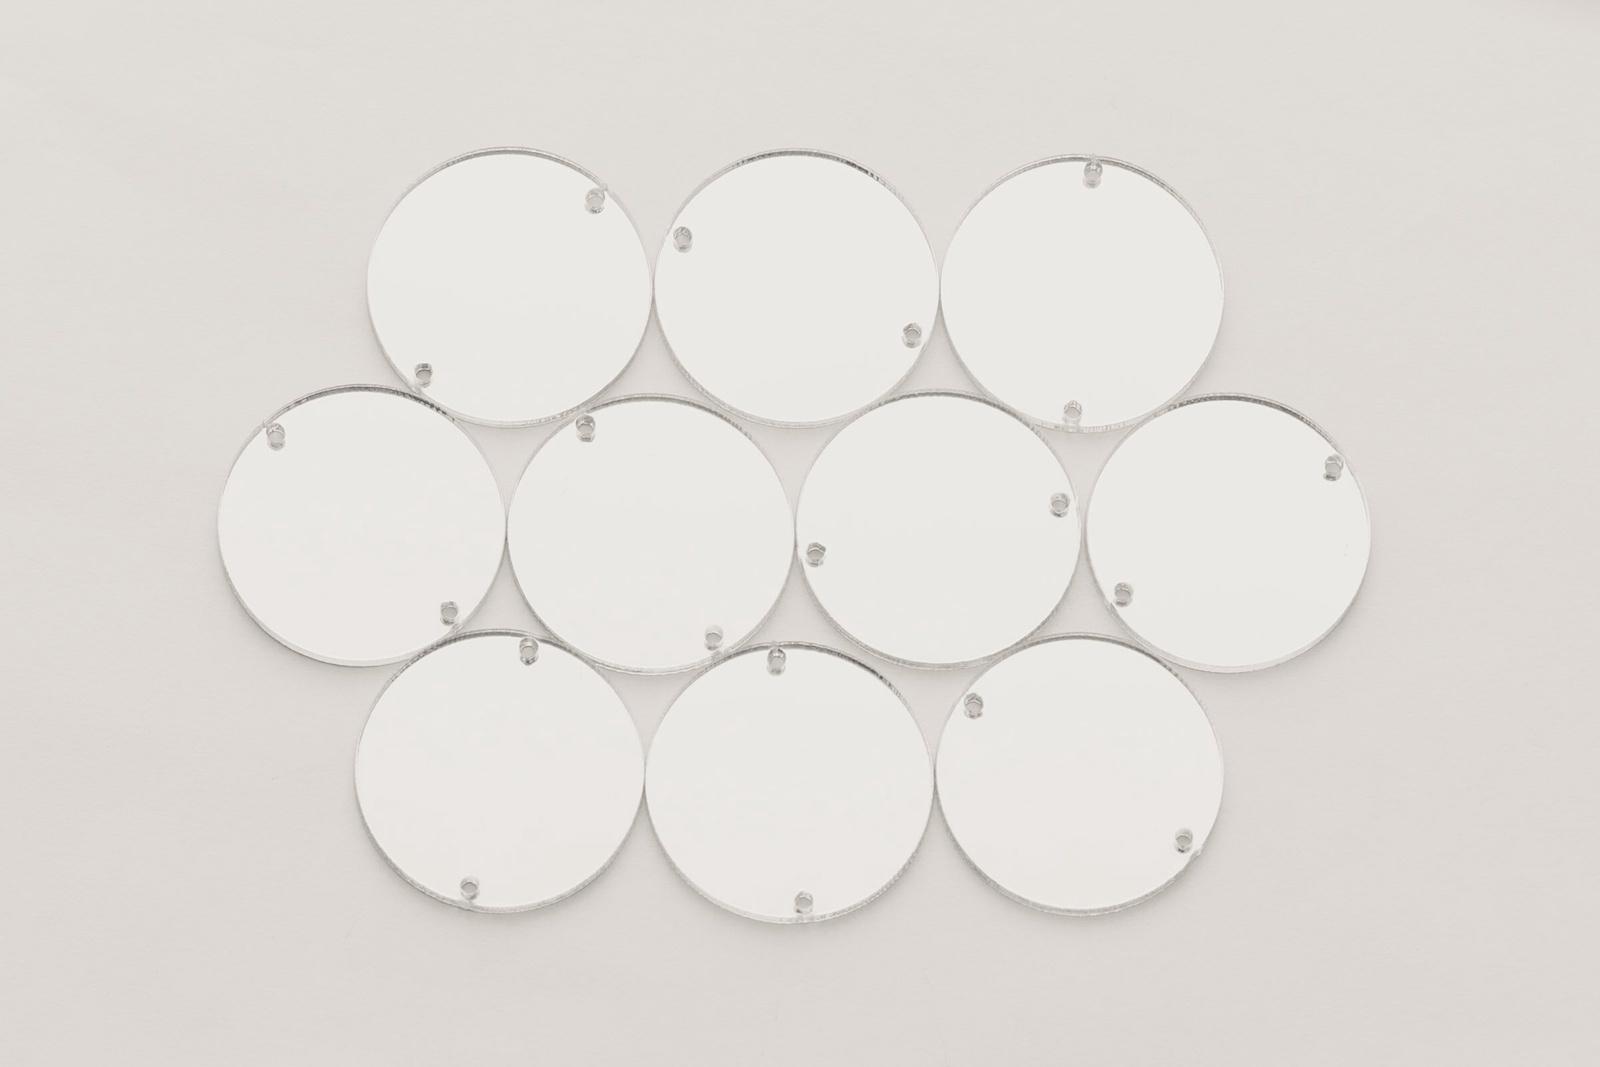 CASP Lase КР25 Комплект акриловых пришивных зеркал/страз Круг